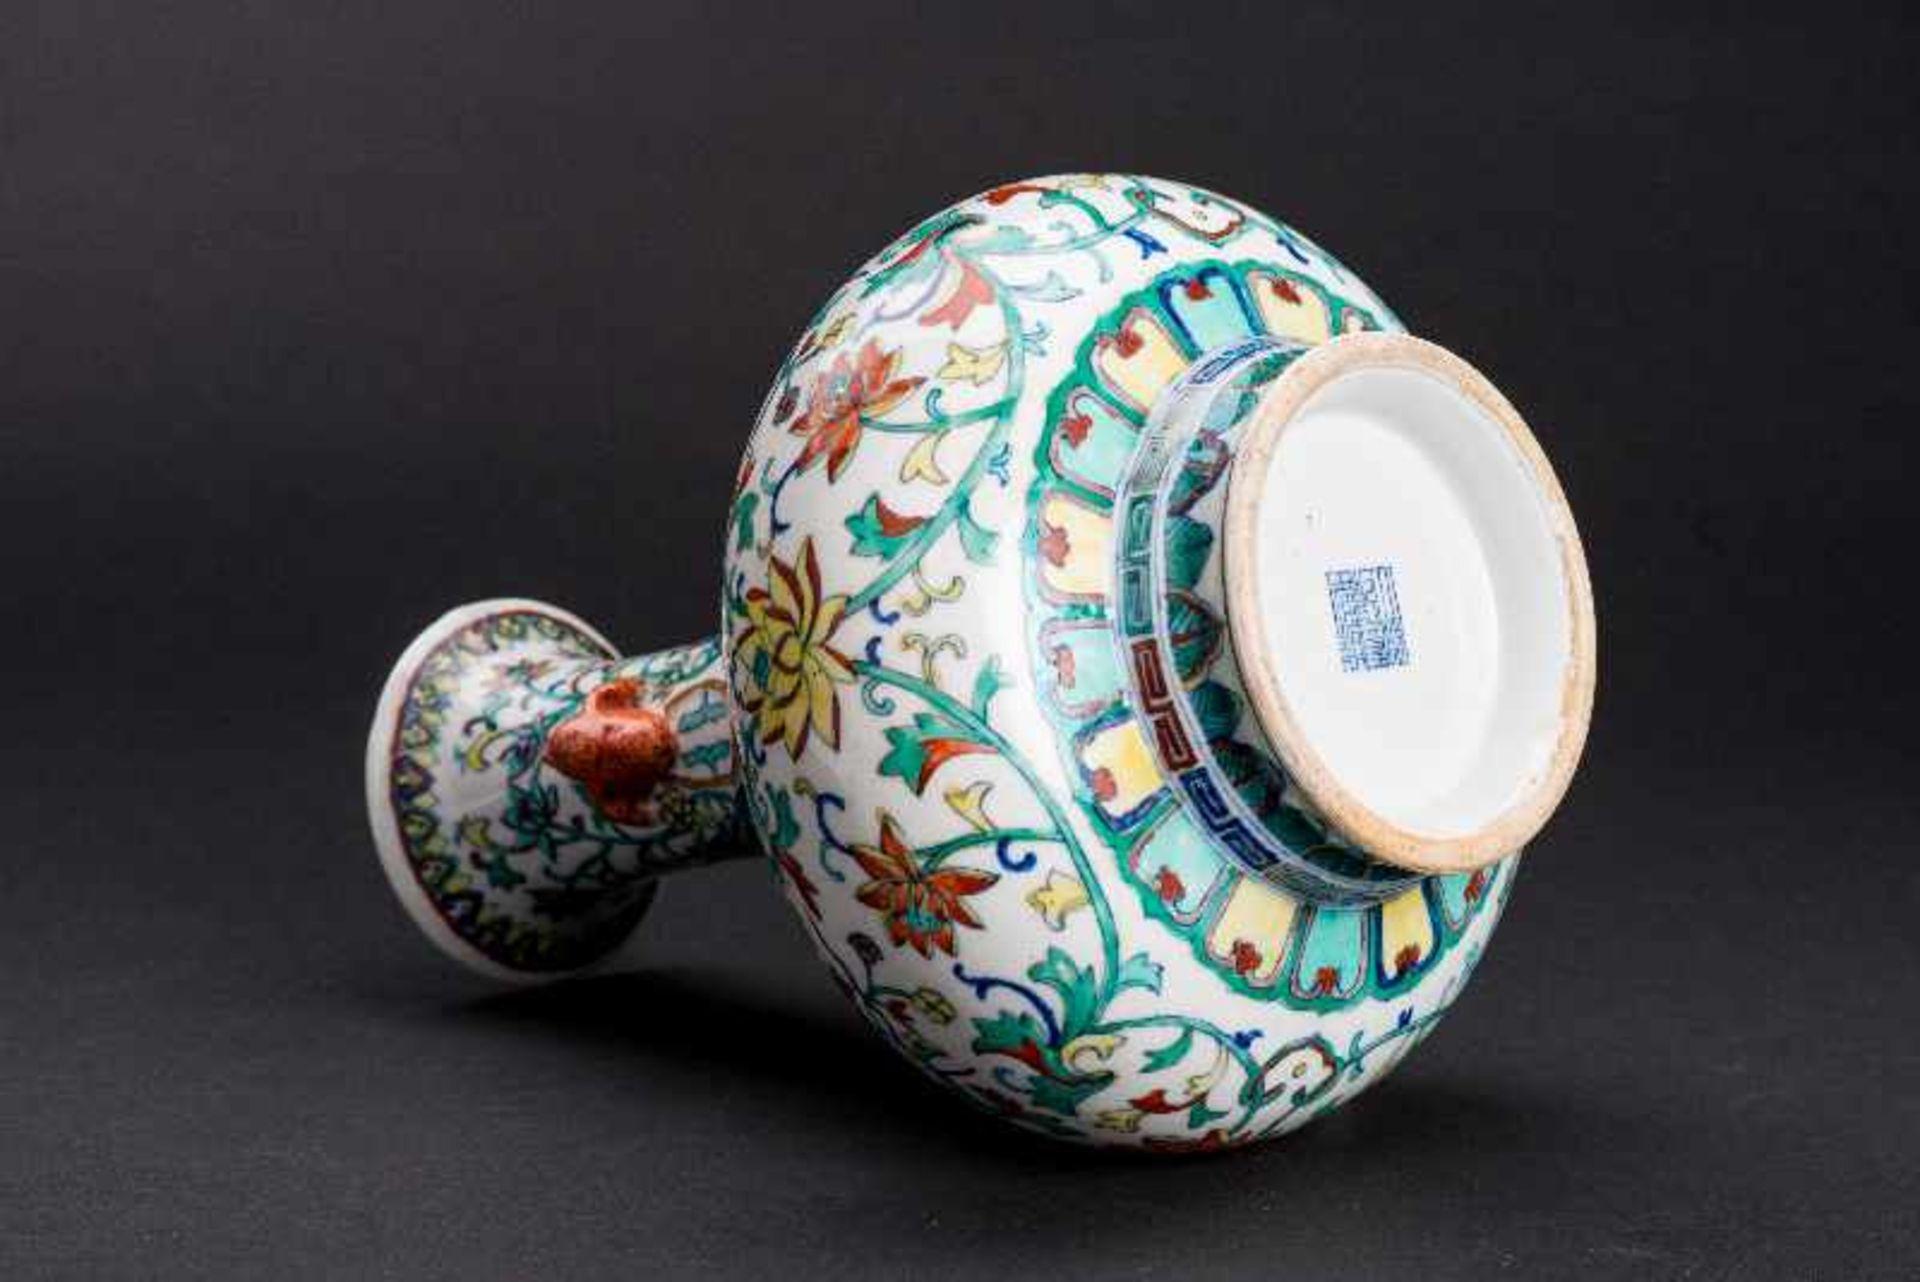 VASE MIT LANGLEBENSSYMBOLENPorzellan mit Unterglasurblau, Email und etwas Gold. China, Qing-Dynastie - Image 4 of 4